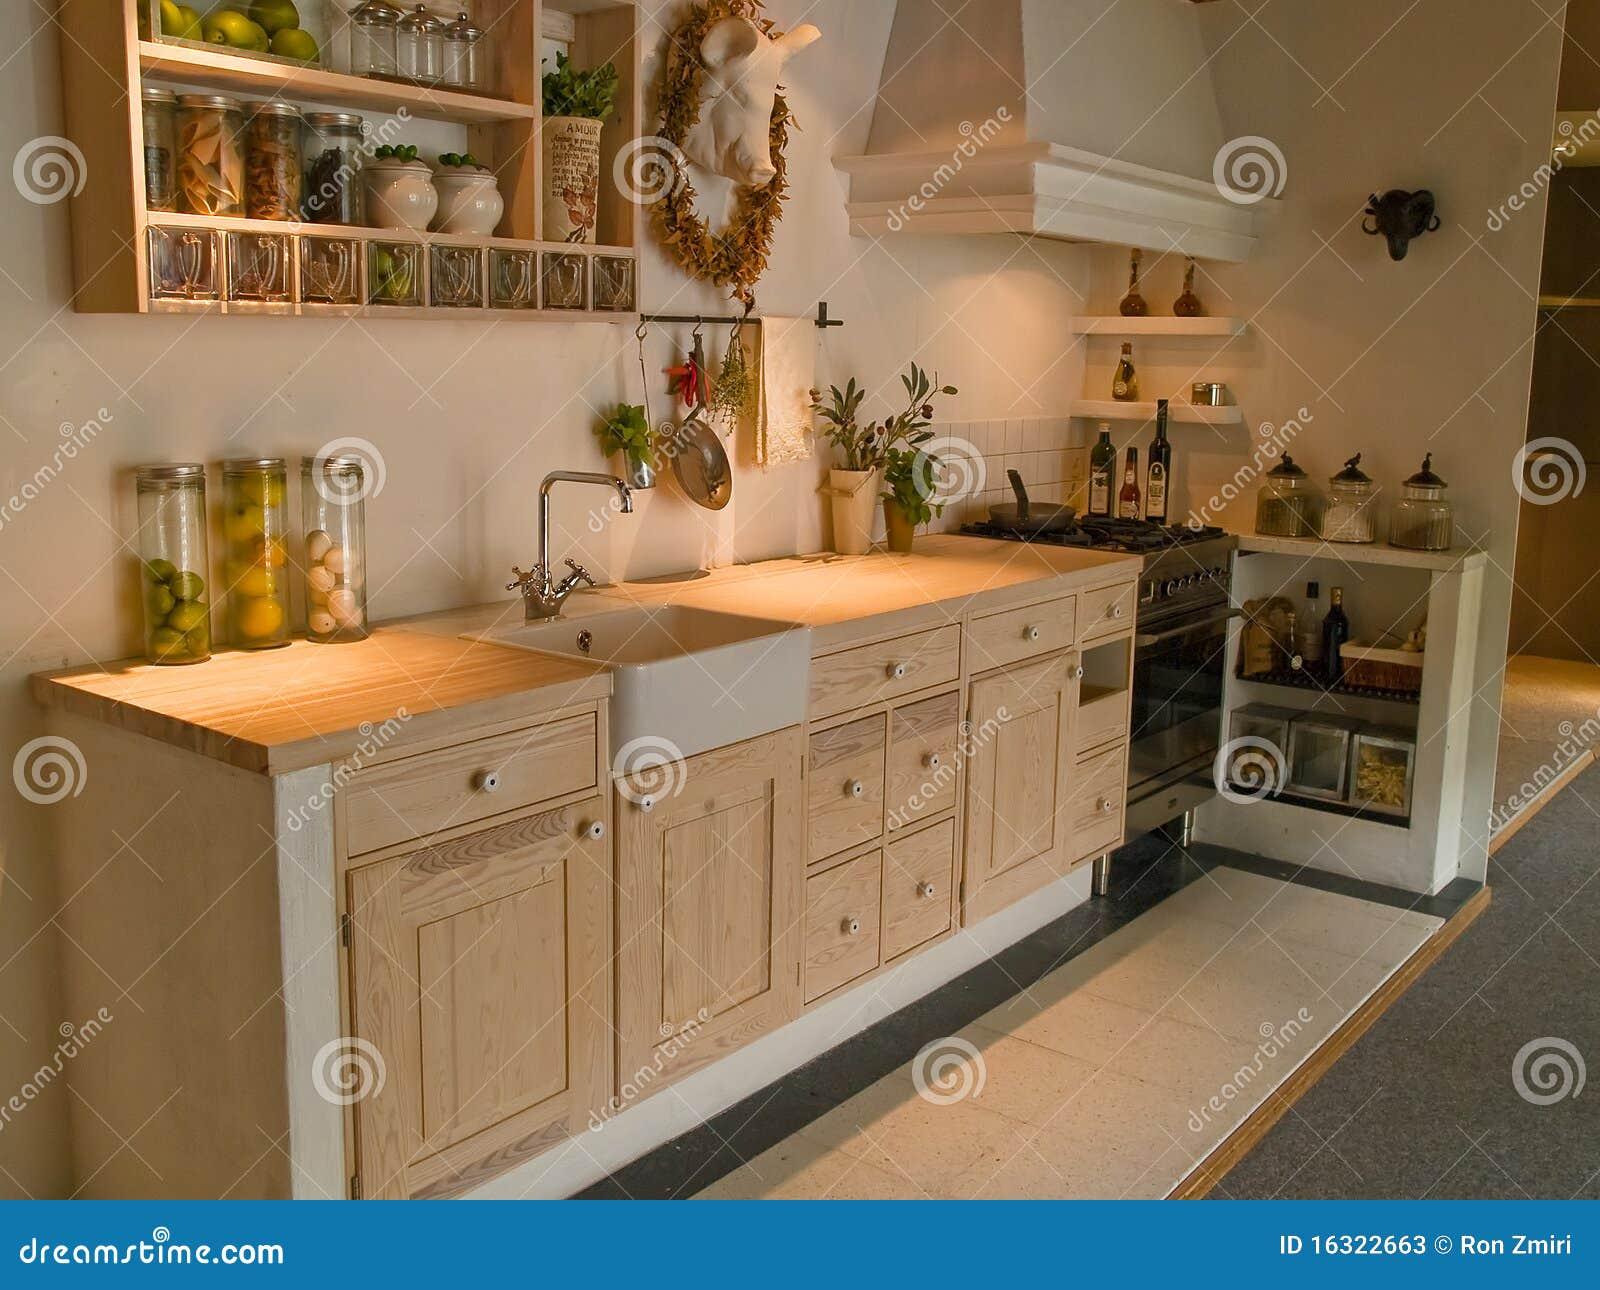 Ausgezeichnet Weiß Landküche Bilder - Küchen Design Ideen ...